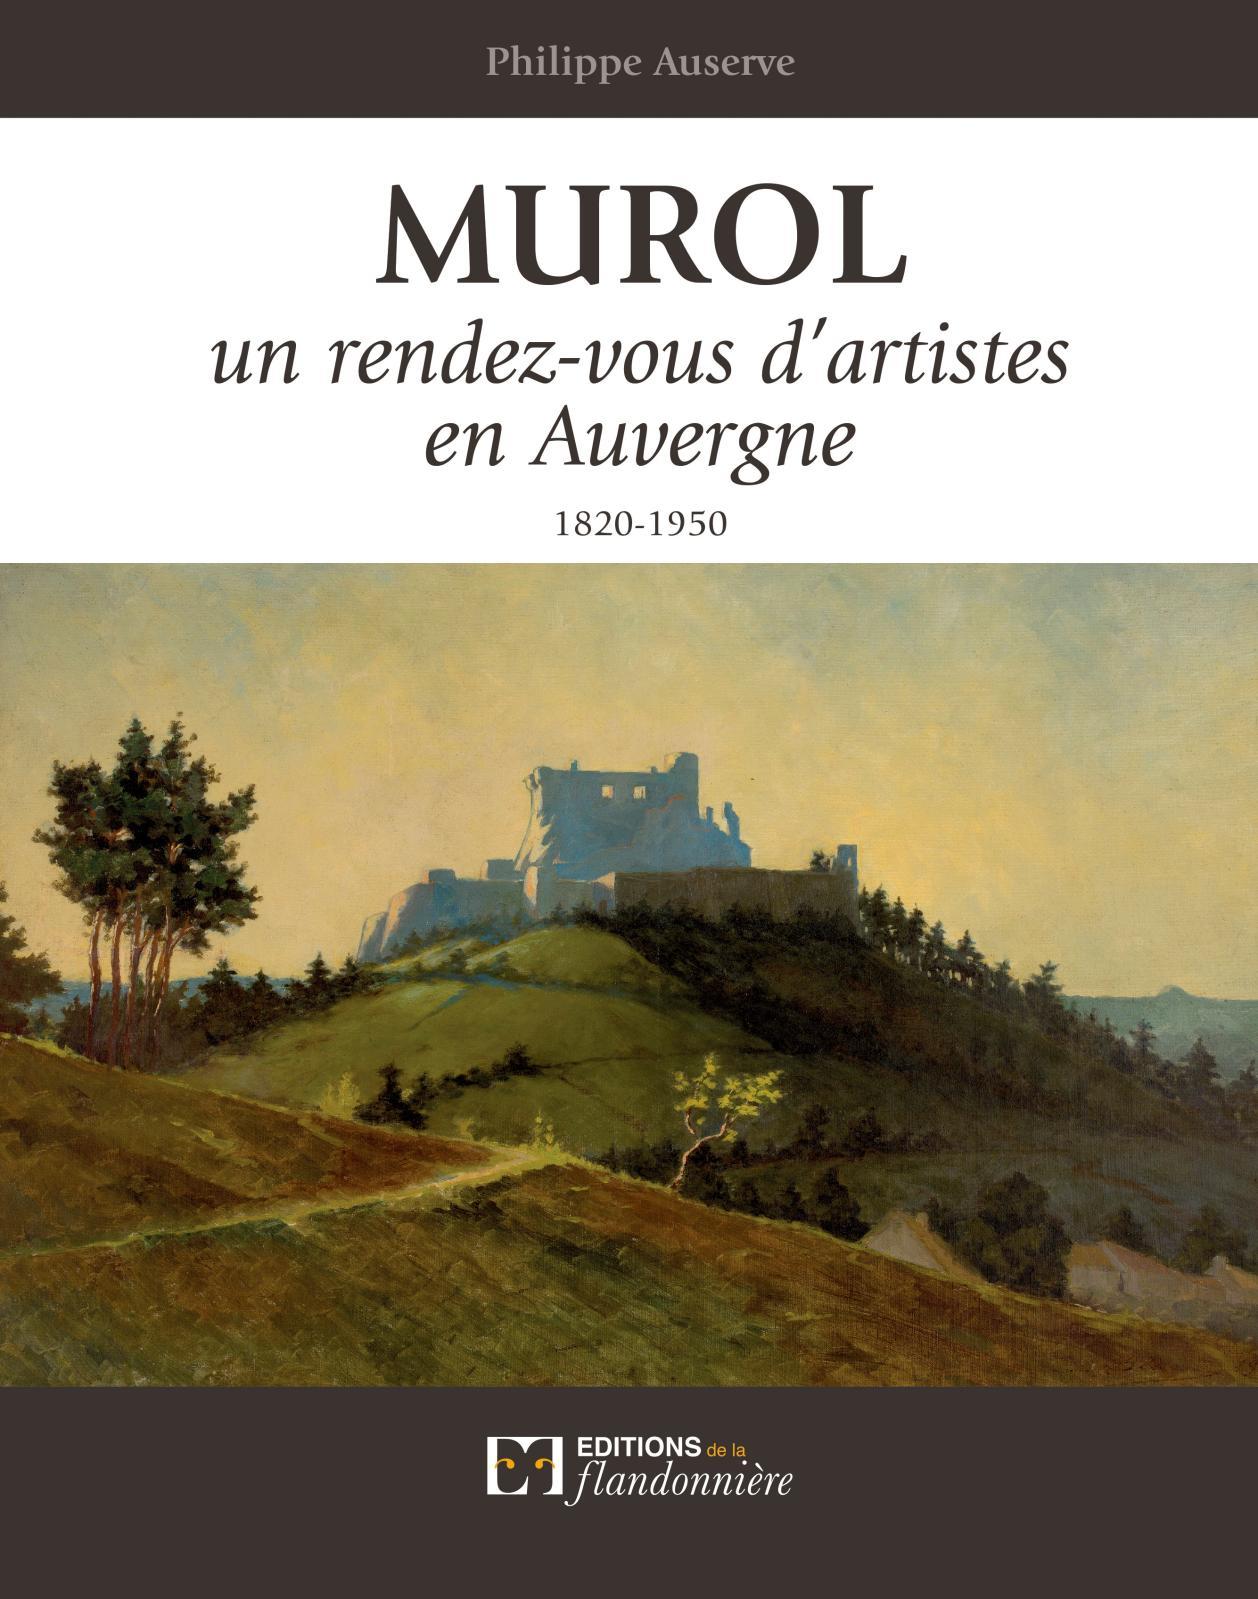 Toi l'AuvergnatDe Murol, on connaît surtout le château, splendide édifice médiéval, ruiné mais majestueux. On connaît moins l'école de pei